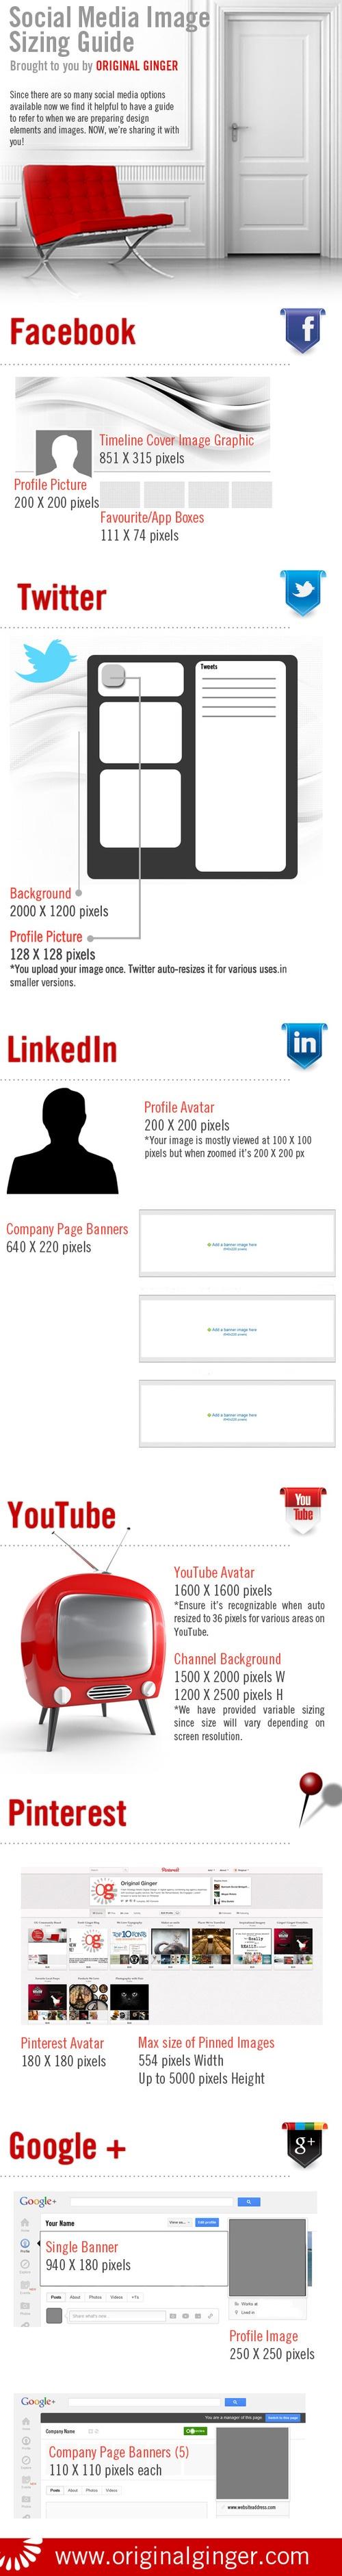 In 1 overzicht (infographic) maten van de afbeelding van diverse Social Media Kanalen! Super handig!